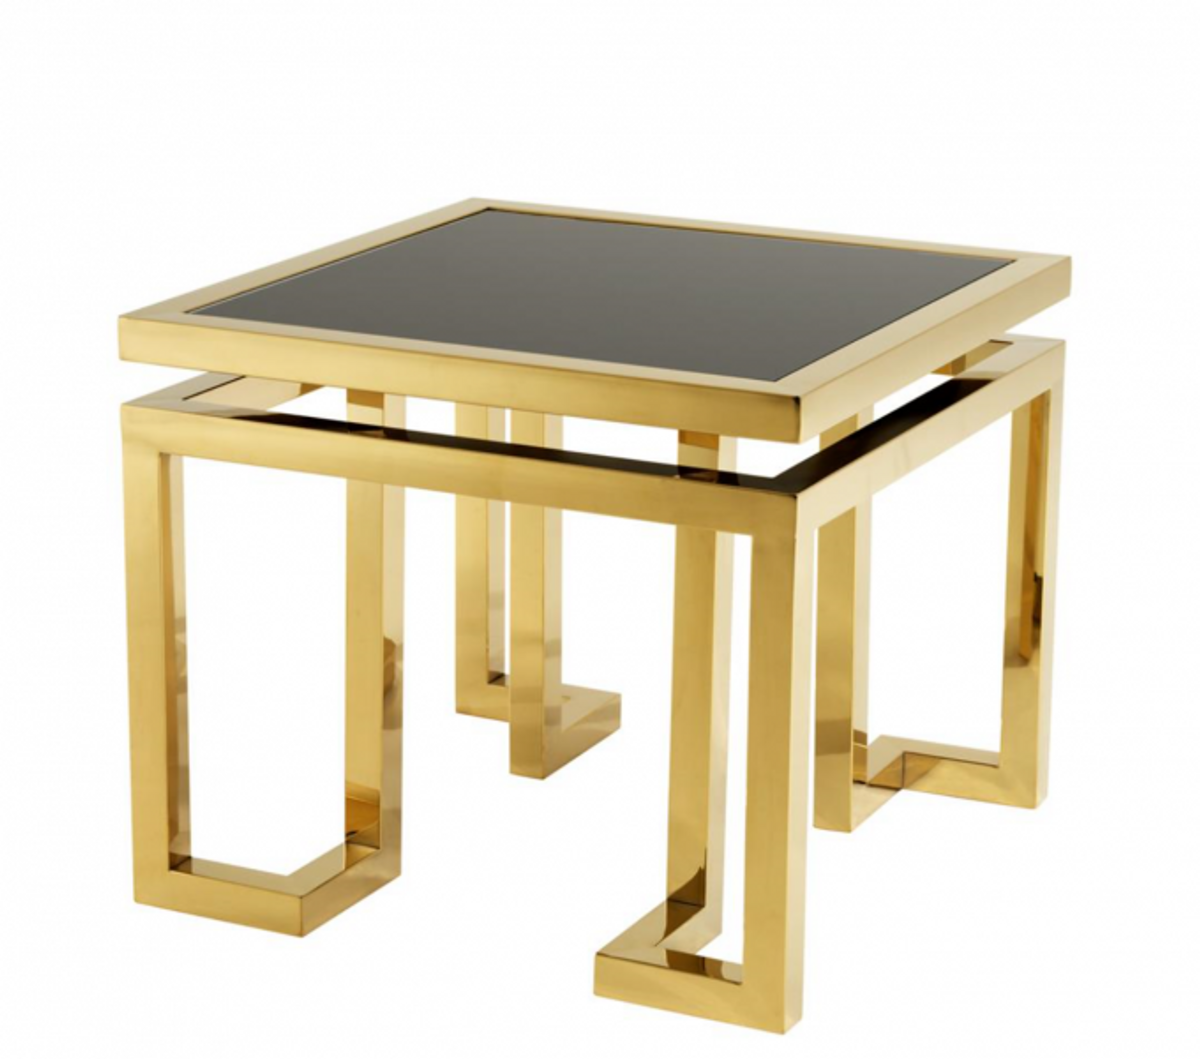 casa padrino luxus art deco designer beistelltisch gold mit schwarzem glas hotel tisch m bel. Black Bedroom Furniture Sets. Home Design Ideas